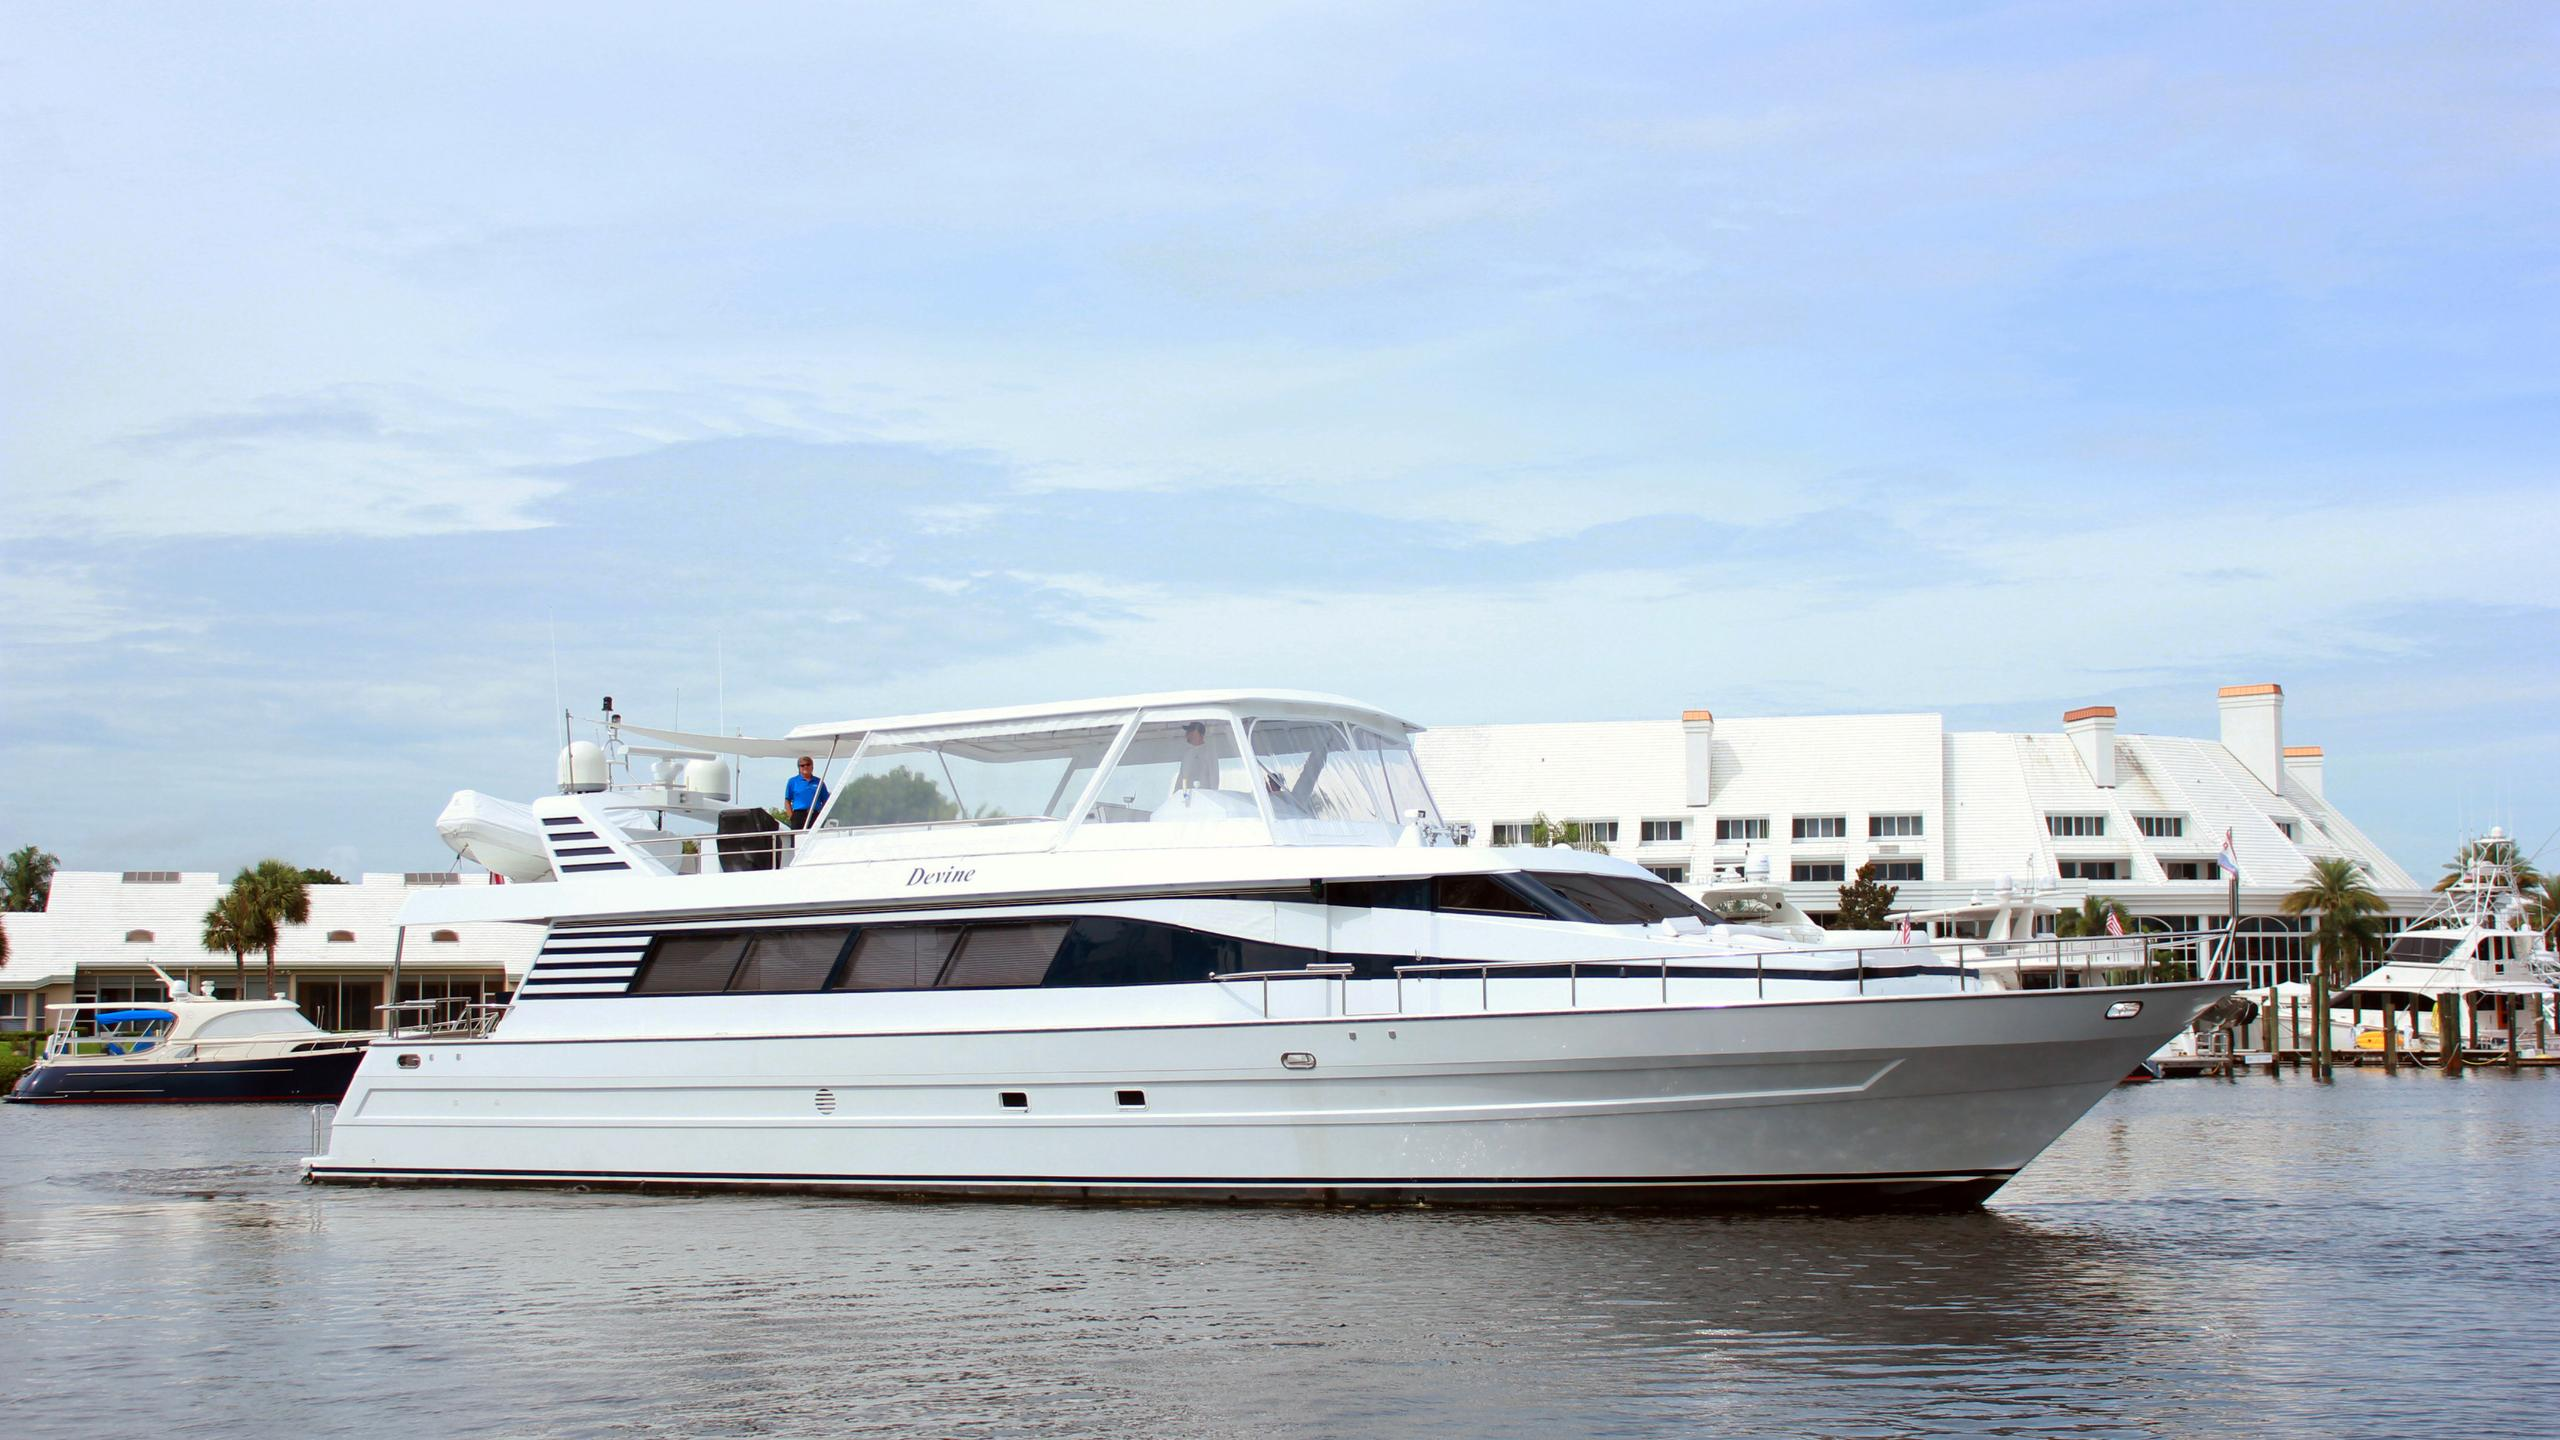 rehab motoryacht tarrab yachts 27m 1998 profile